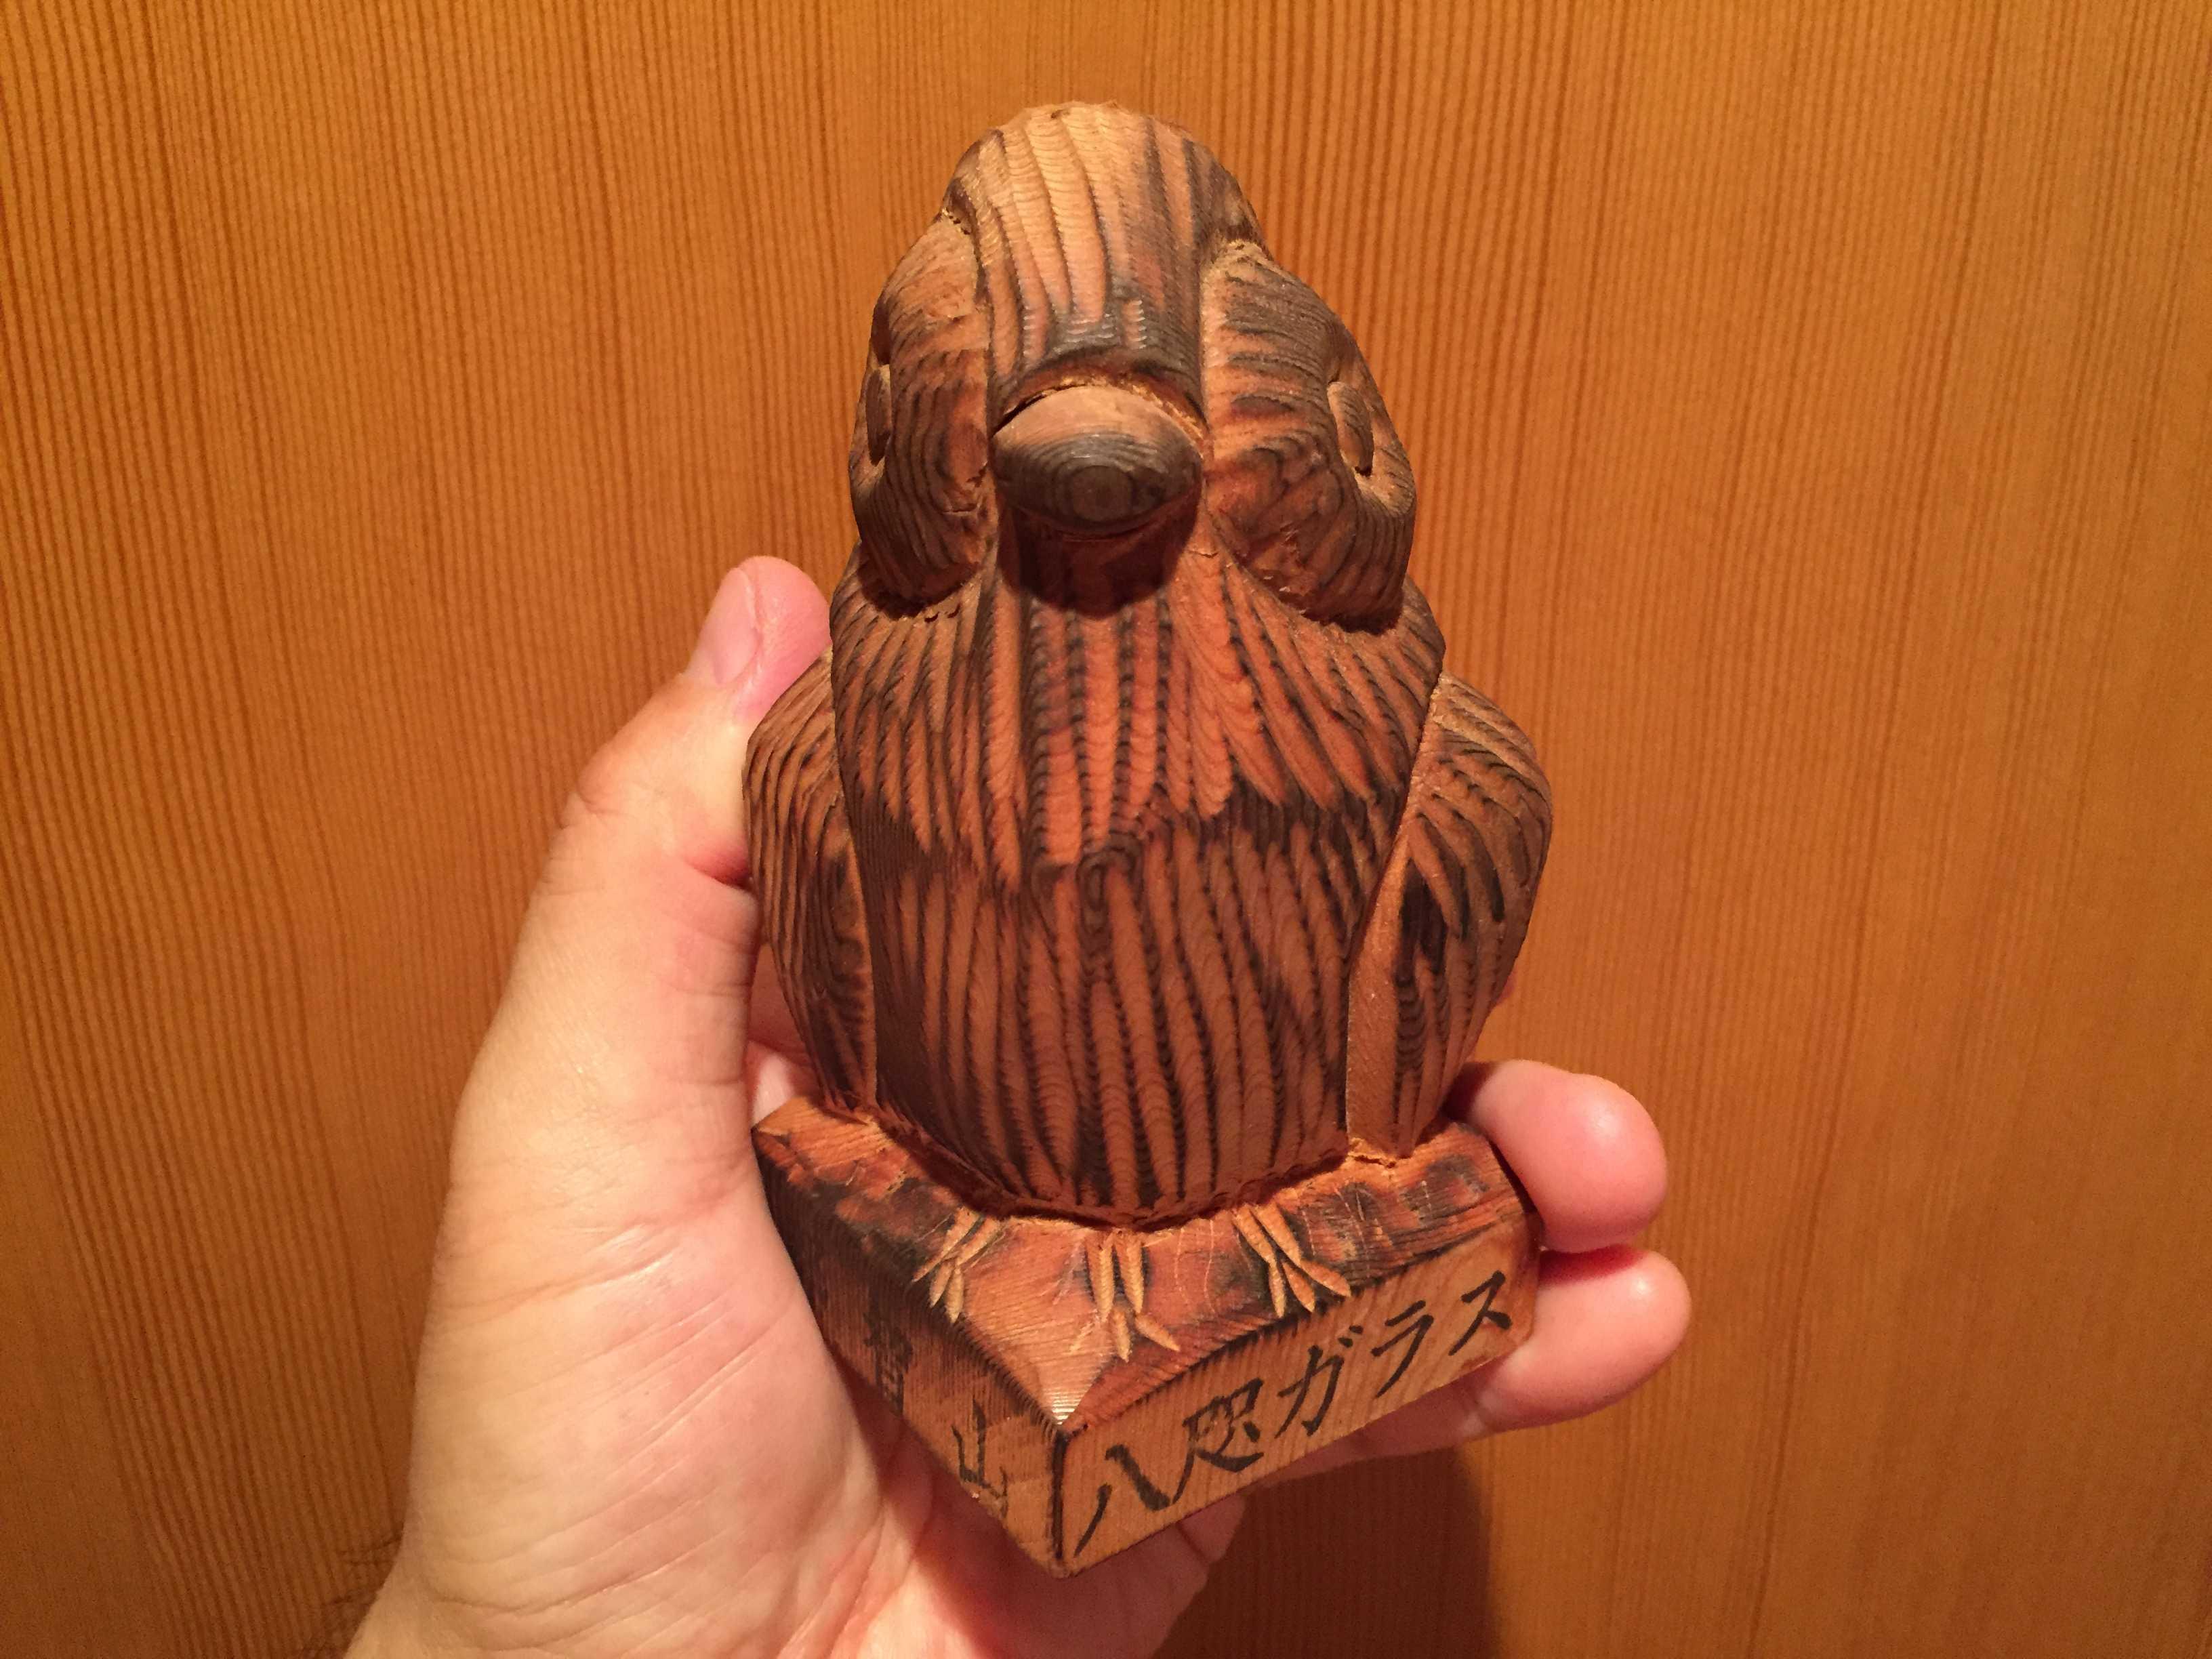 赤松の木彫り八咫烏